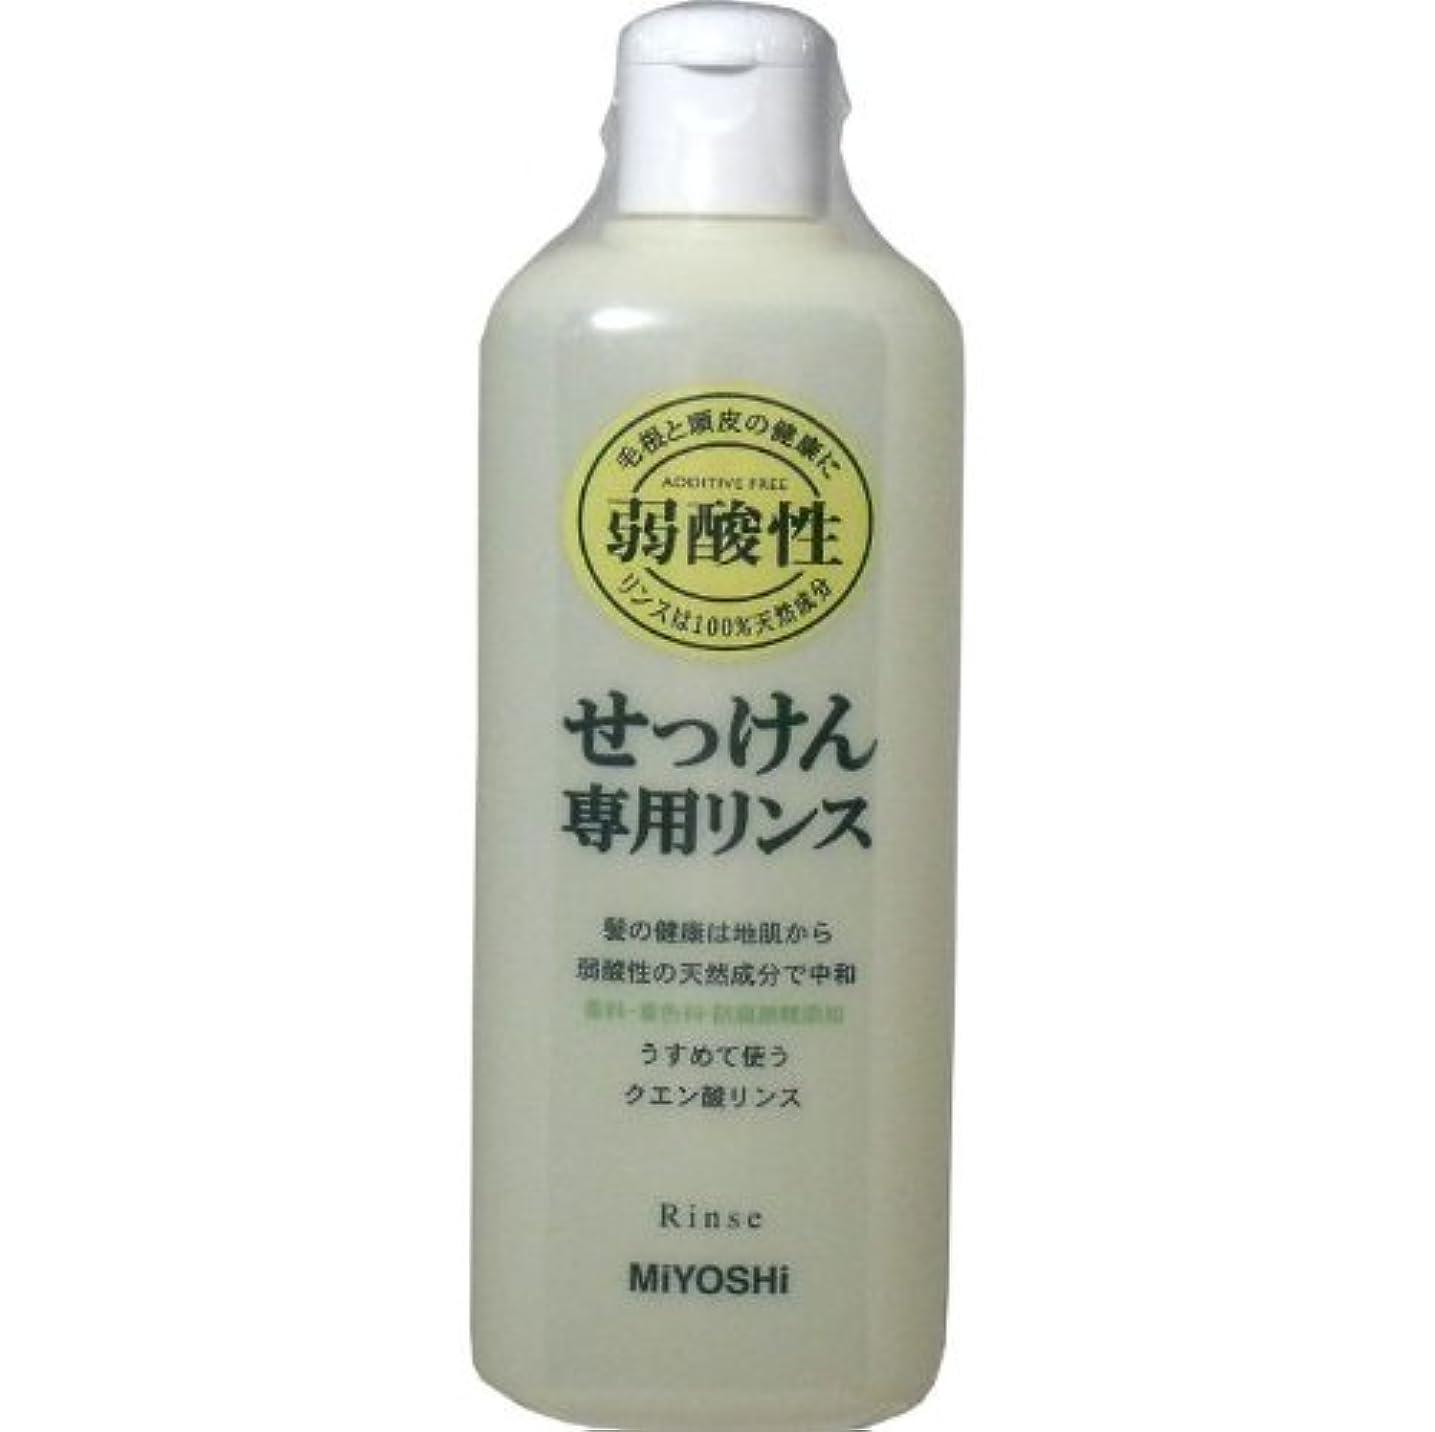 印象的真夜中うるさい髪の健康は地肌から、弱酸性の天然成分で中和!!香料、防腐剤、着色料無添加!うすめて使うクエン酸リンス!リンス 350mL